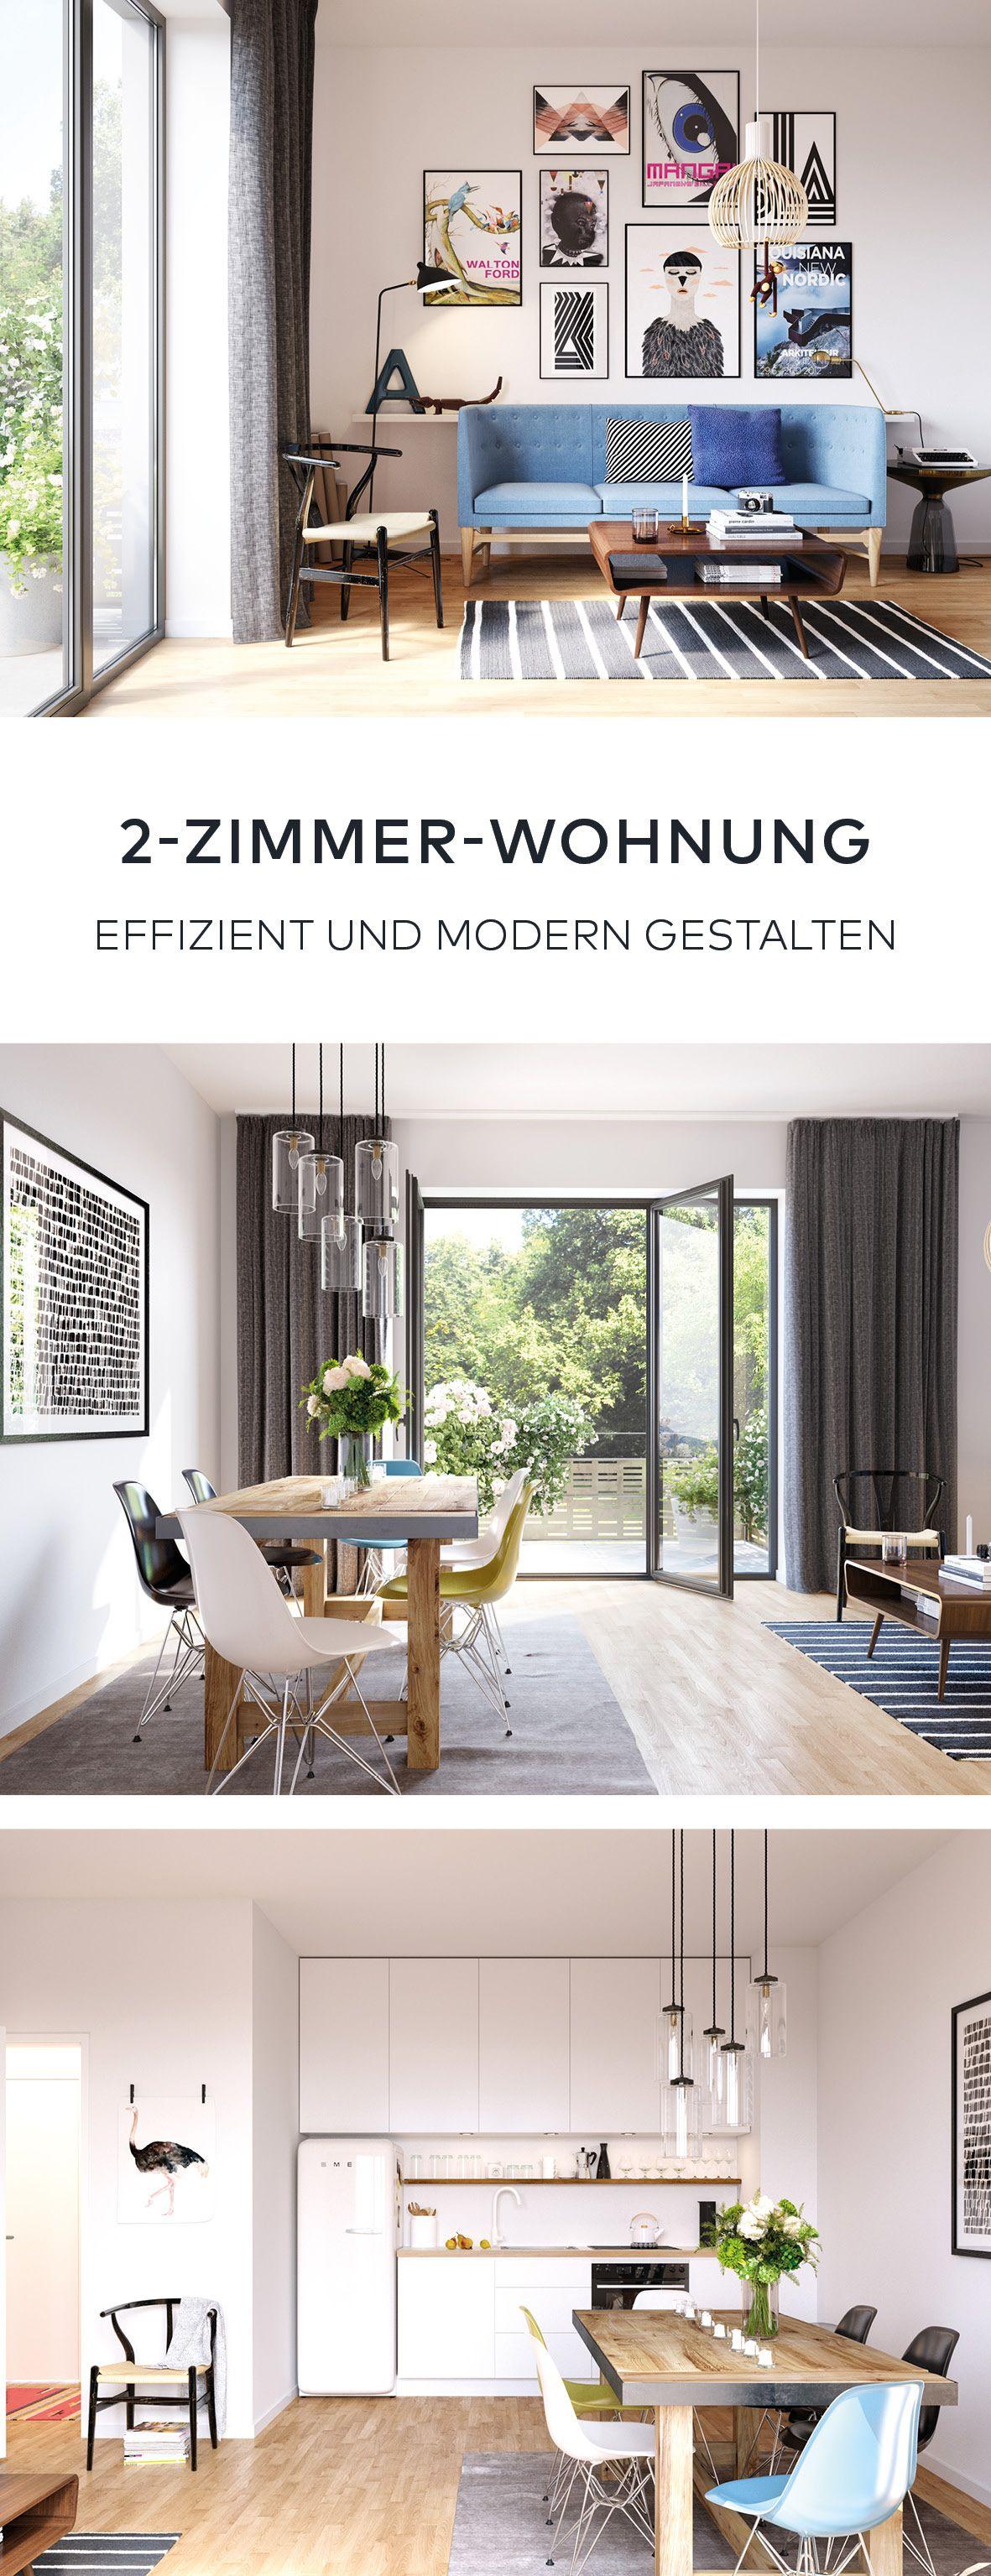 kleine wohnung effizient einrichten in der gro stadt wird der wohnraum vor allem in zentralen. Black Bedroom Furniture Sets. Home Design Ideas